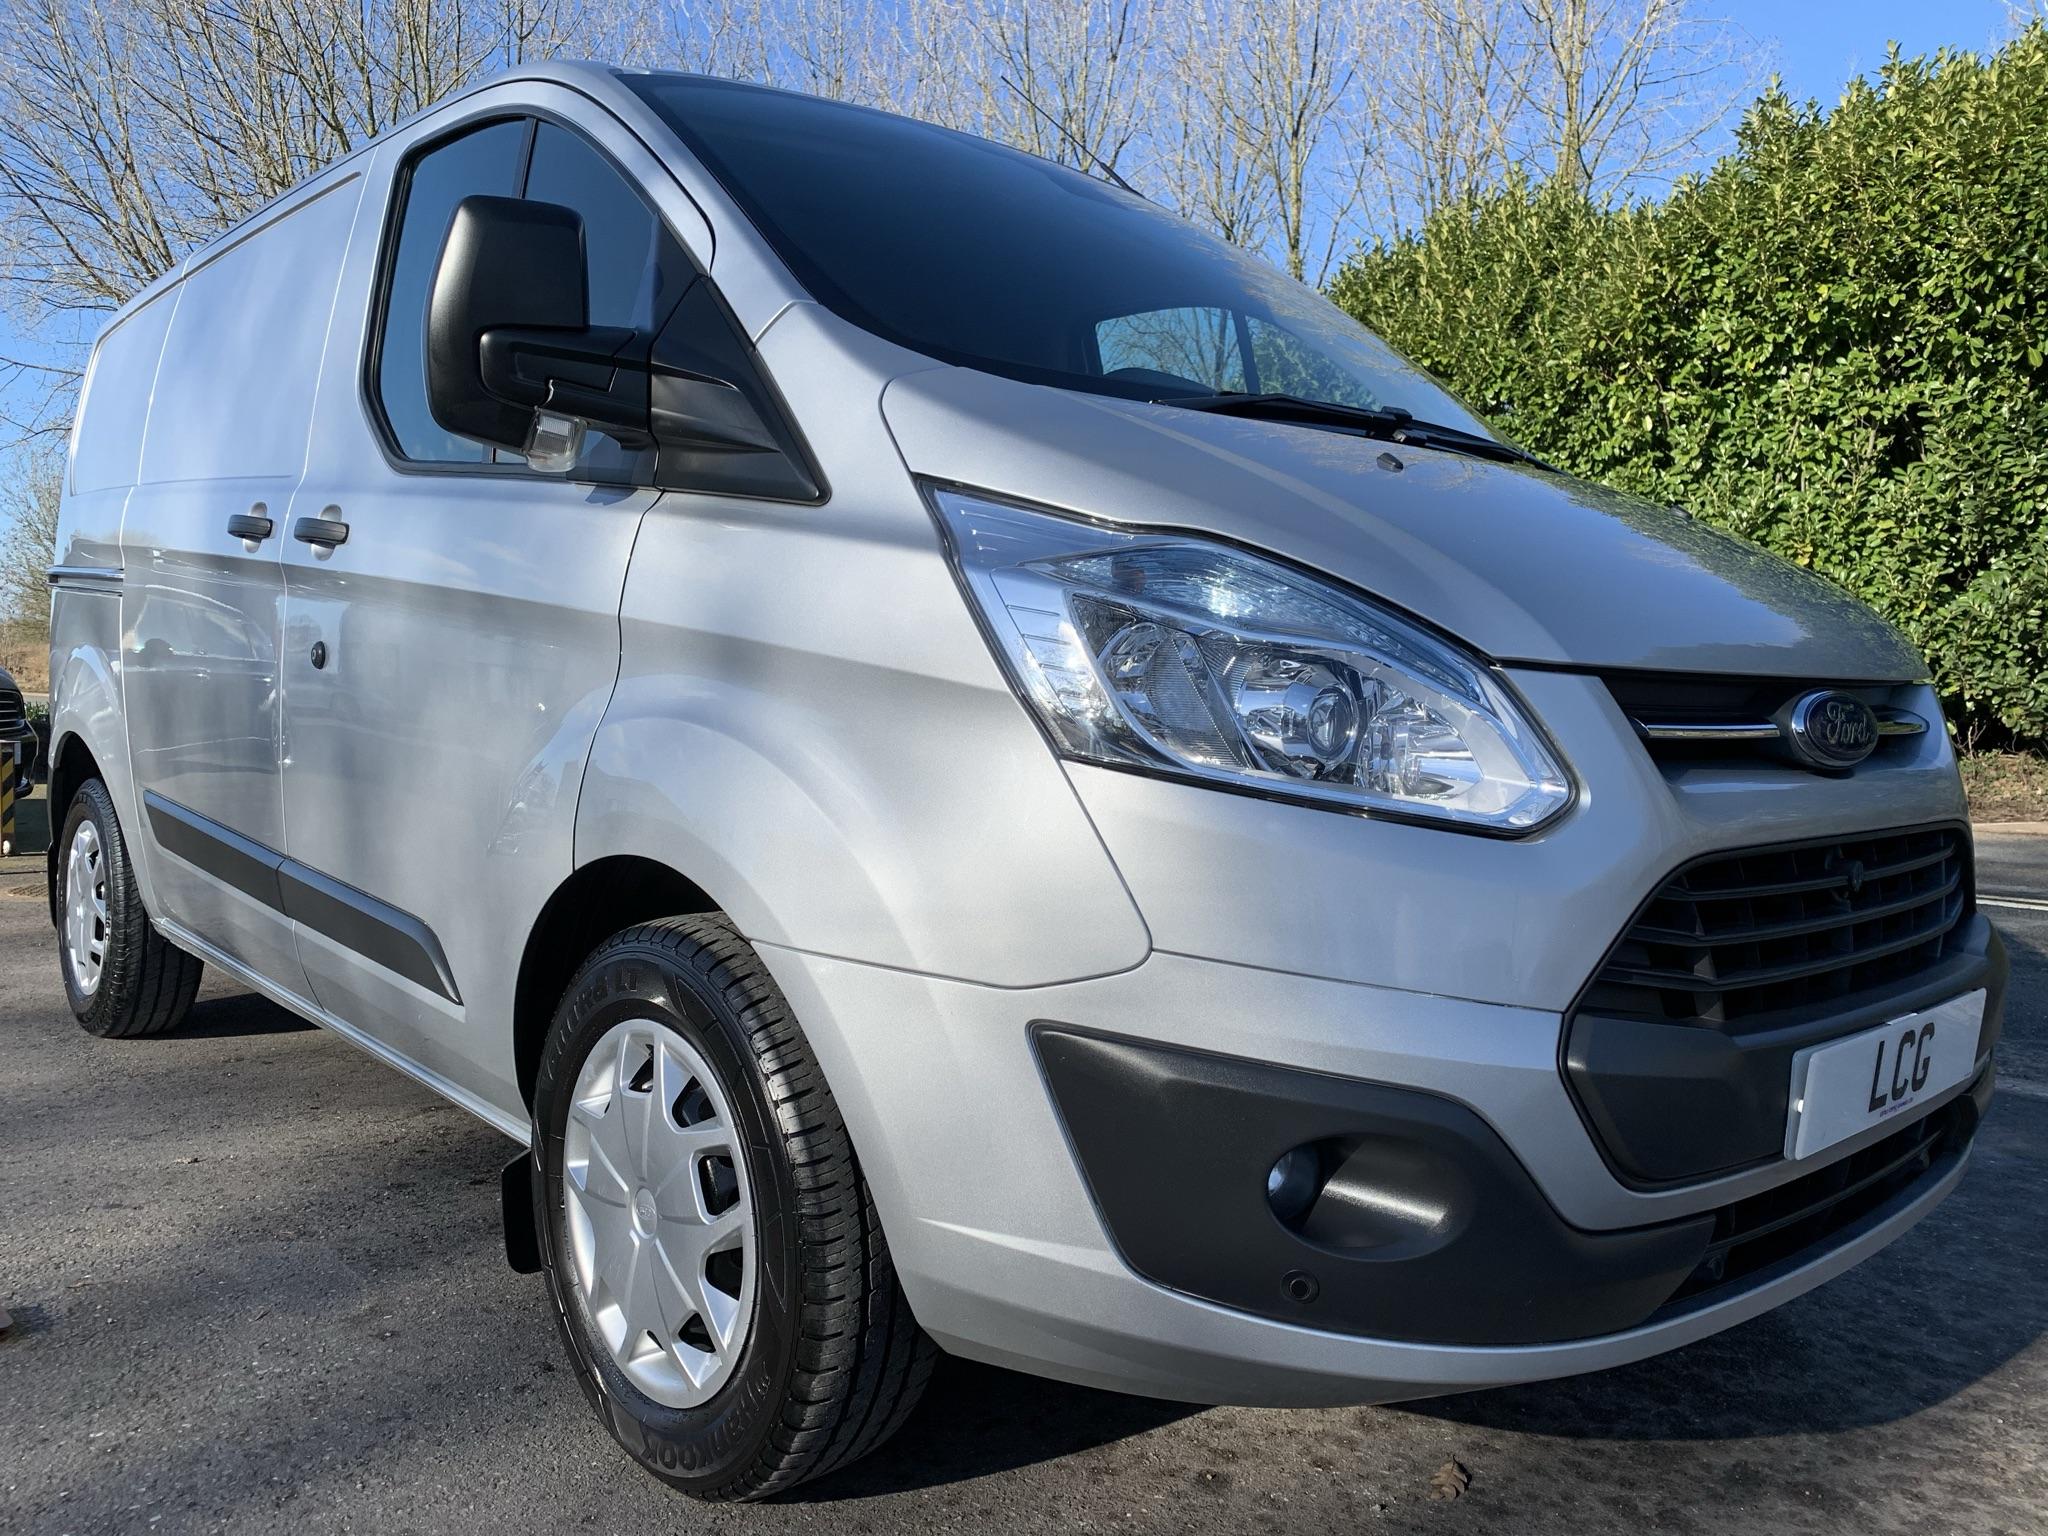 Used Ford Transit Custom L1H1 340 170bhp Panel Van van for sale in Exeter, Devon